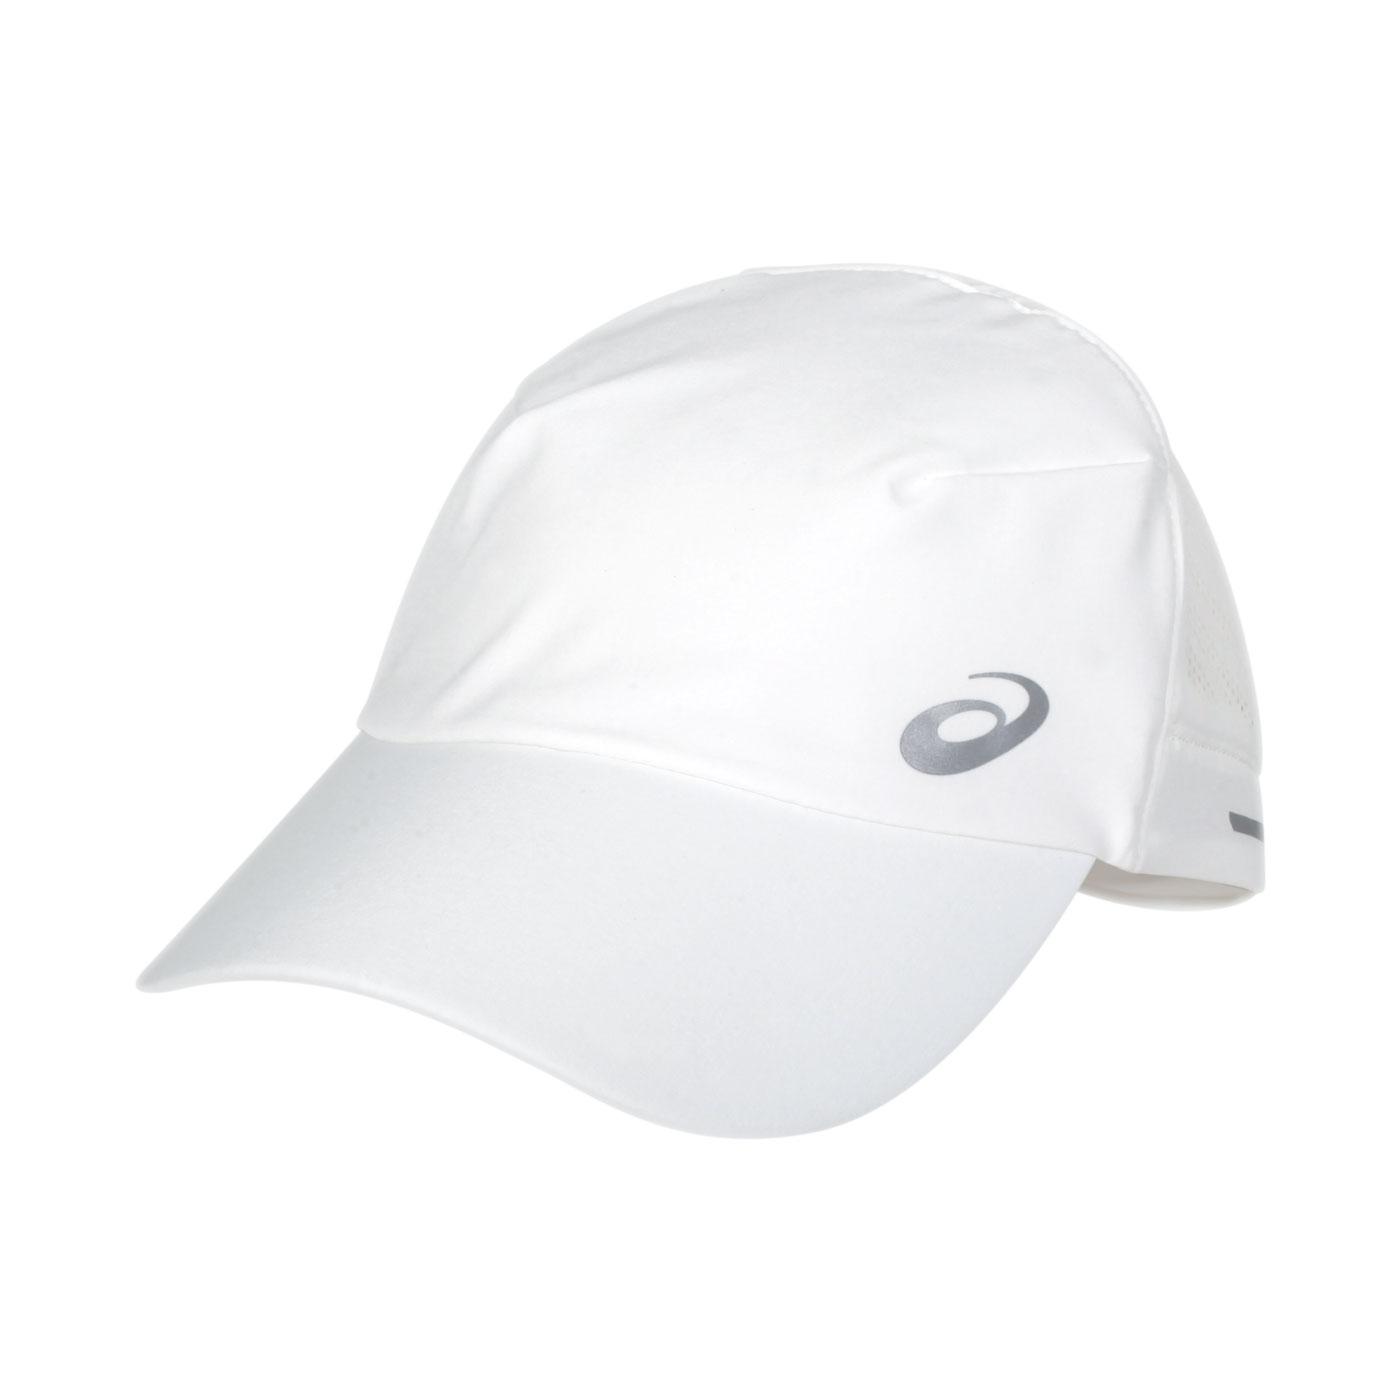 ASICS 跑步透氣帽 3013A457-101